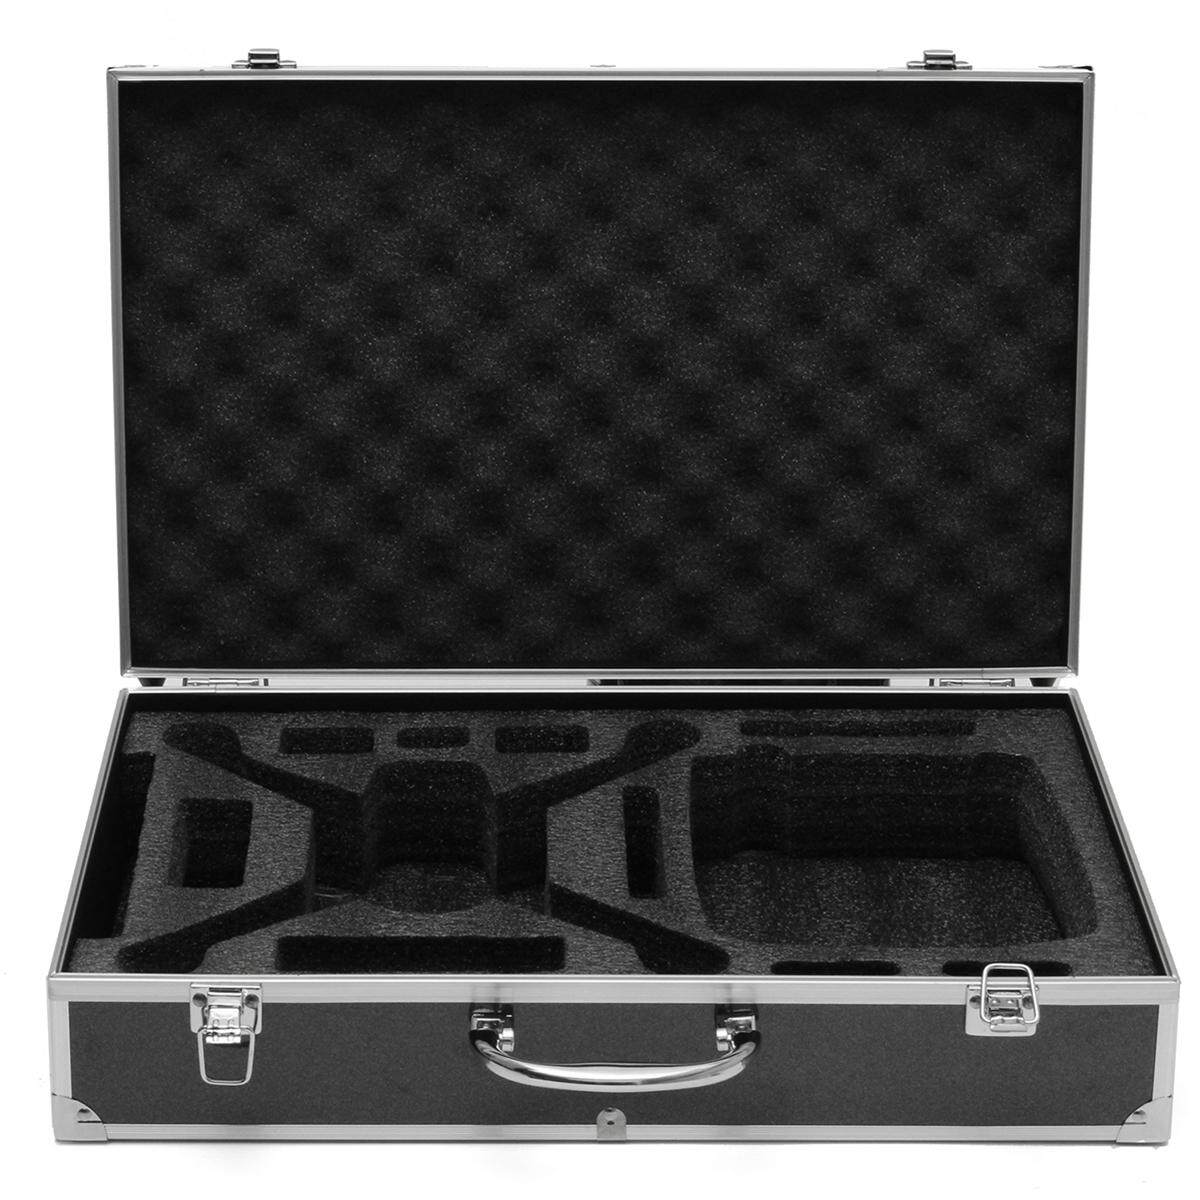 Casing Bawa Keras Tahan Air Tas Praktis untuk Hubsan X4 H501S Kamera Dengung FPV W1Y